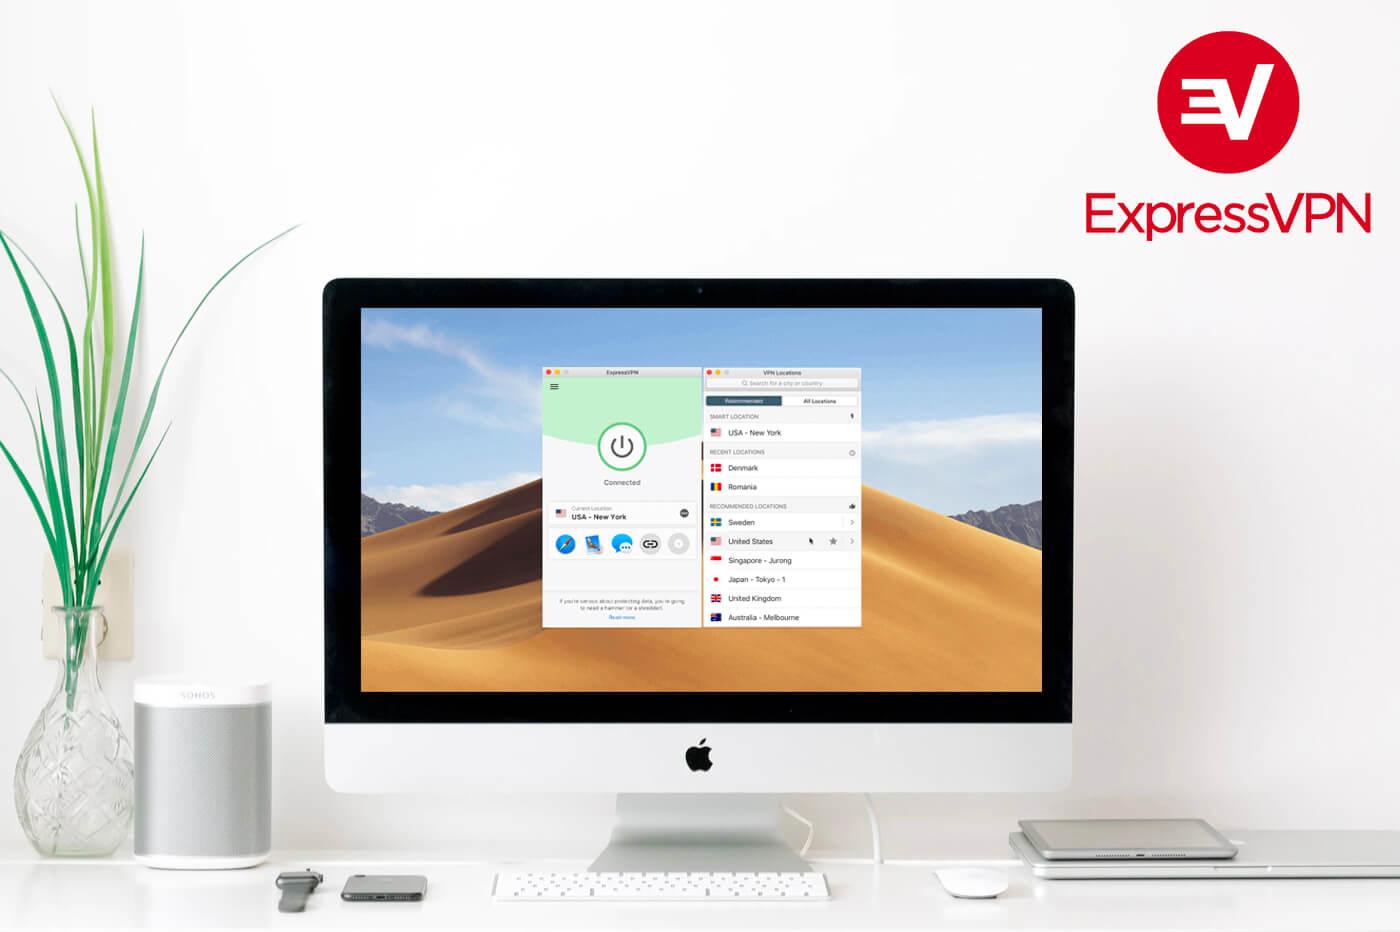 Bon plan: ExpressVPN, le meilleur VPN en chute libre (et c'est rare) 🔥